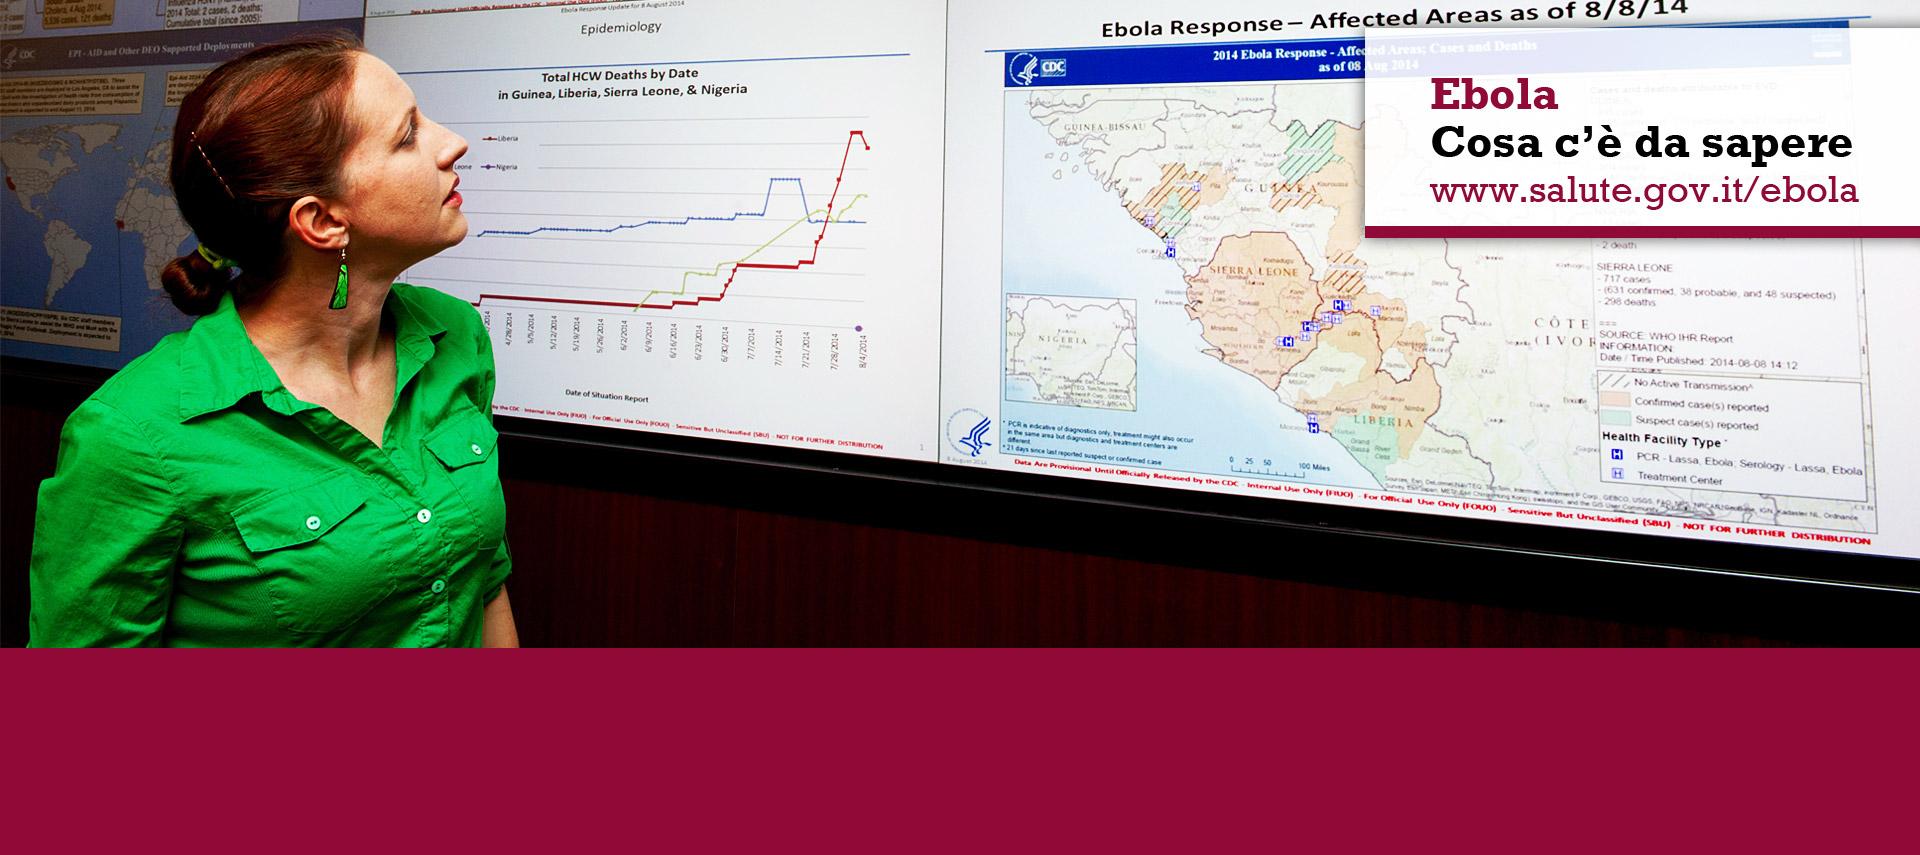 Ebola. Cosa c'è da sapere. www.salute.gov.it/ebola 1500